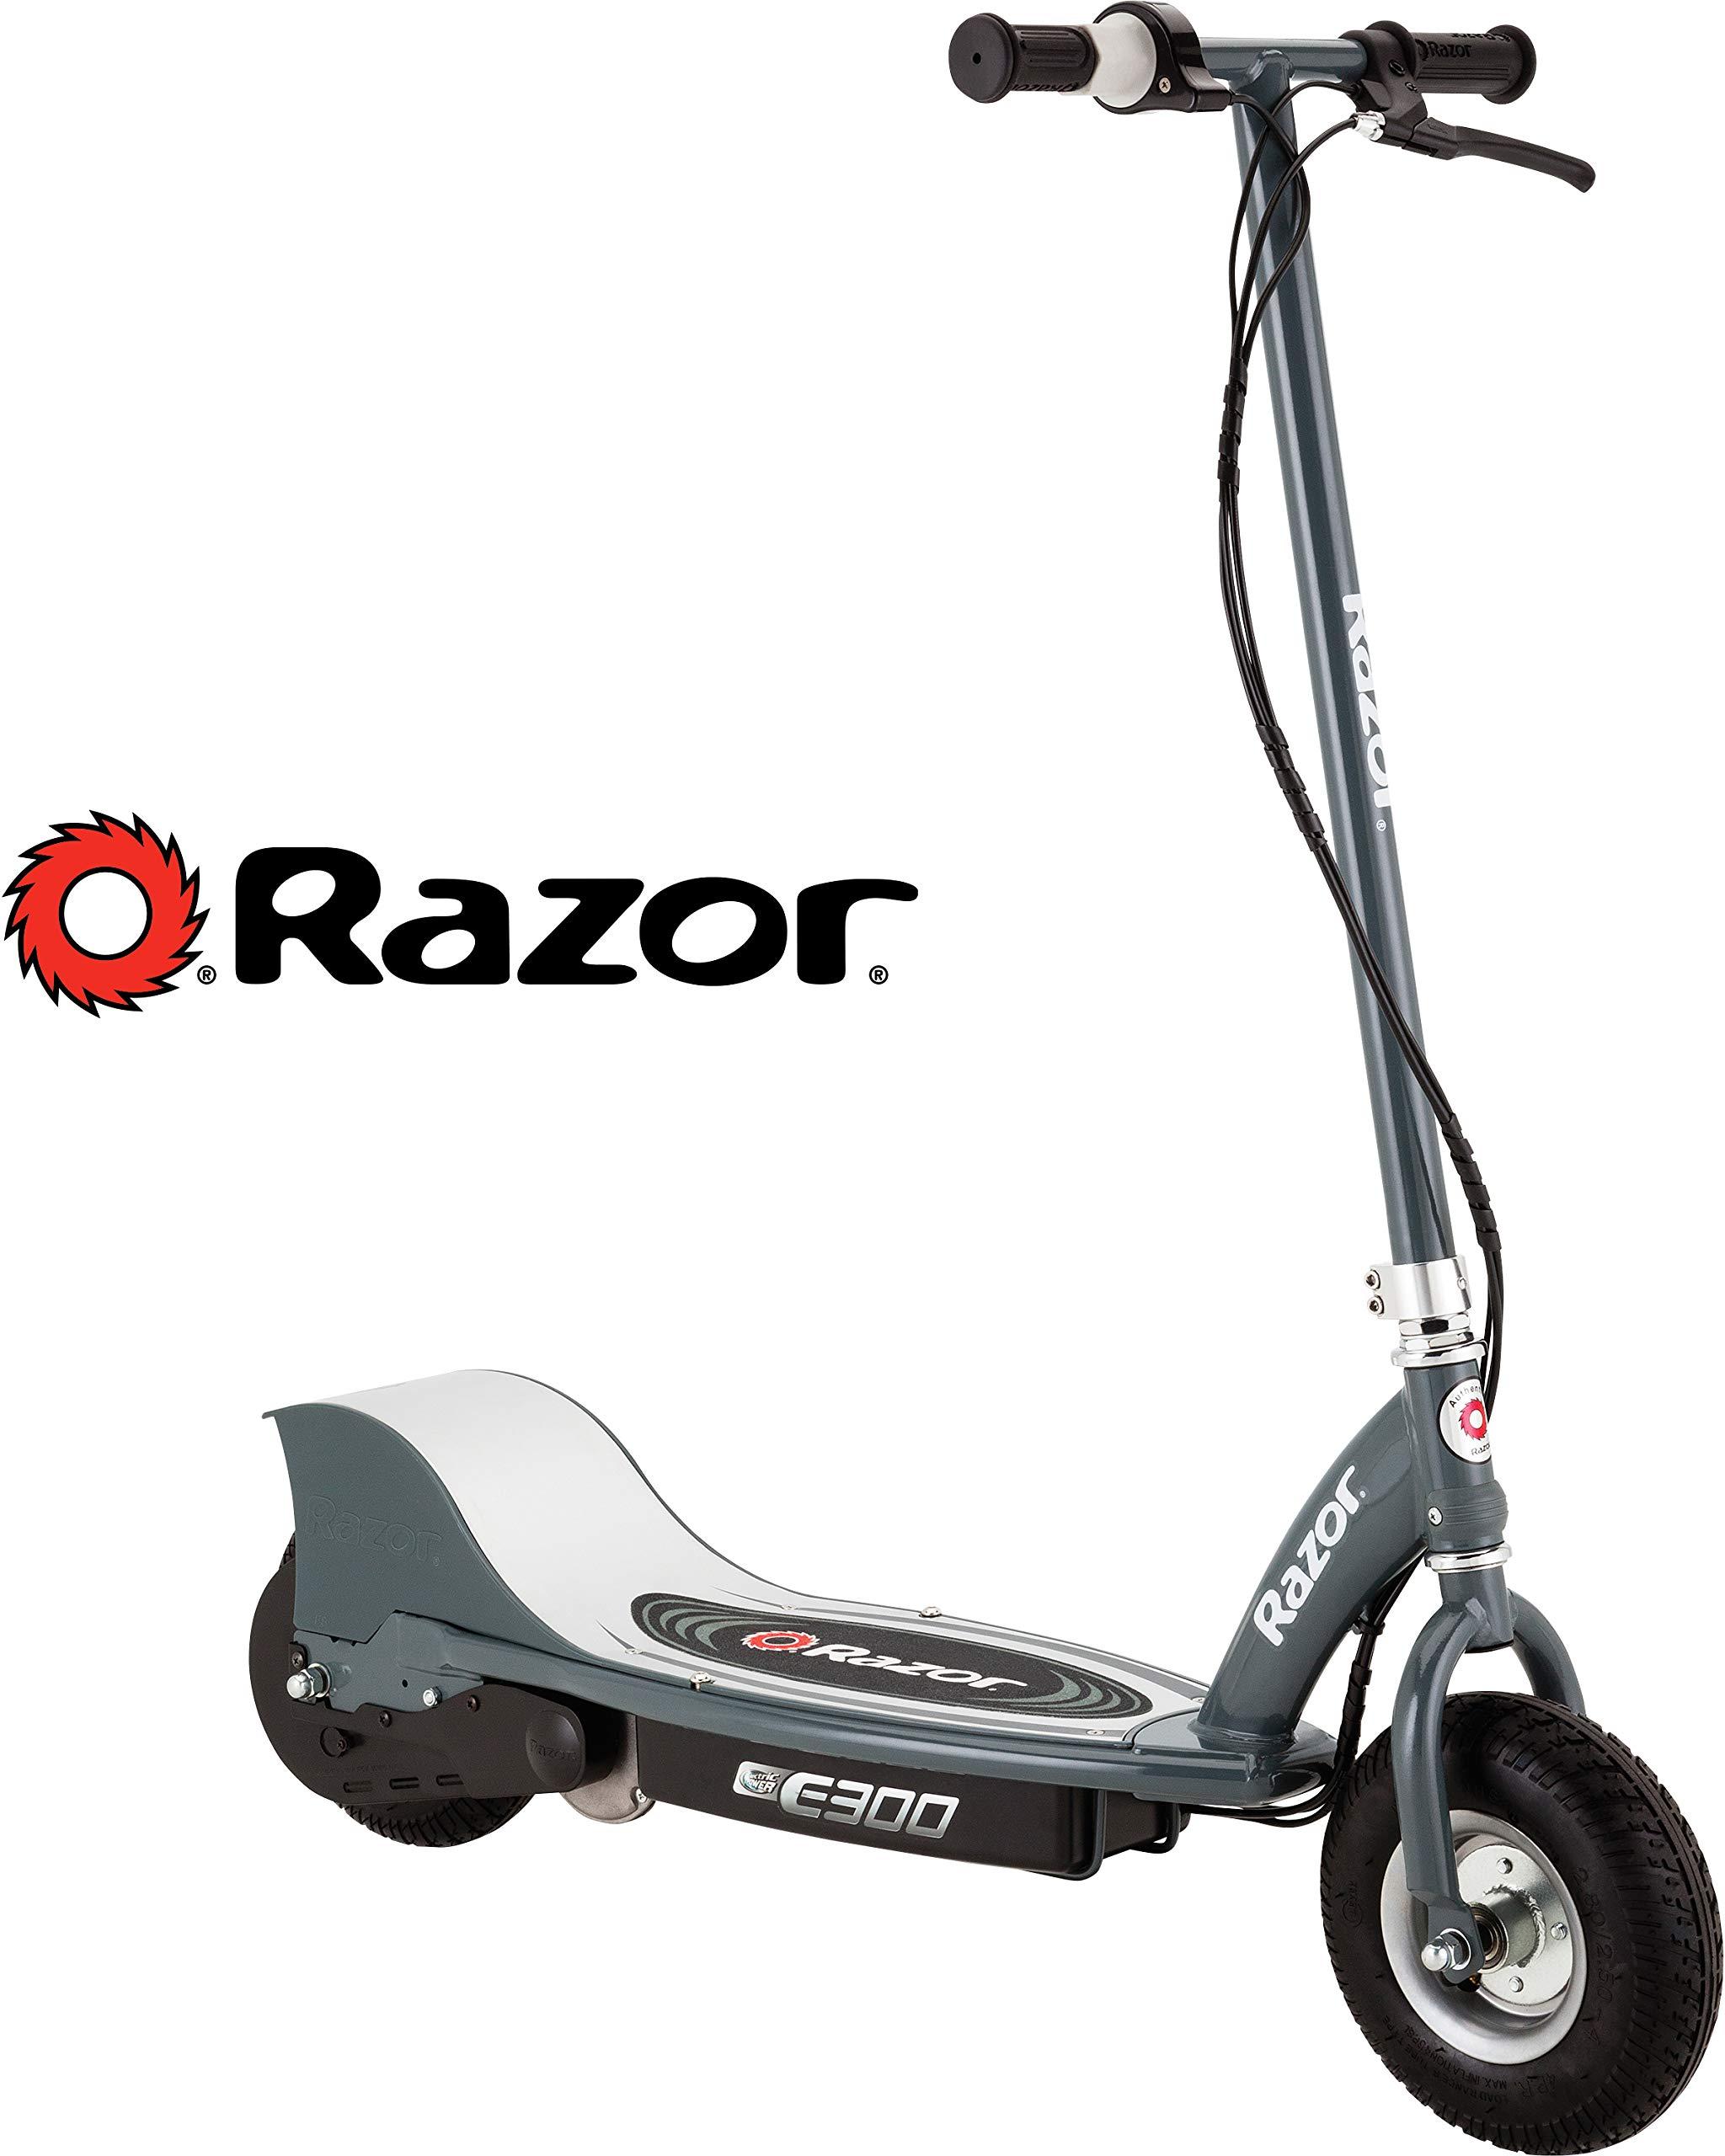 Razor E300 Electric Scooter - Matte Gray by Razor